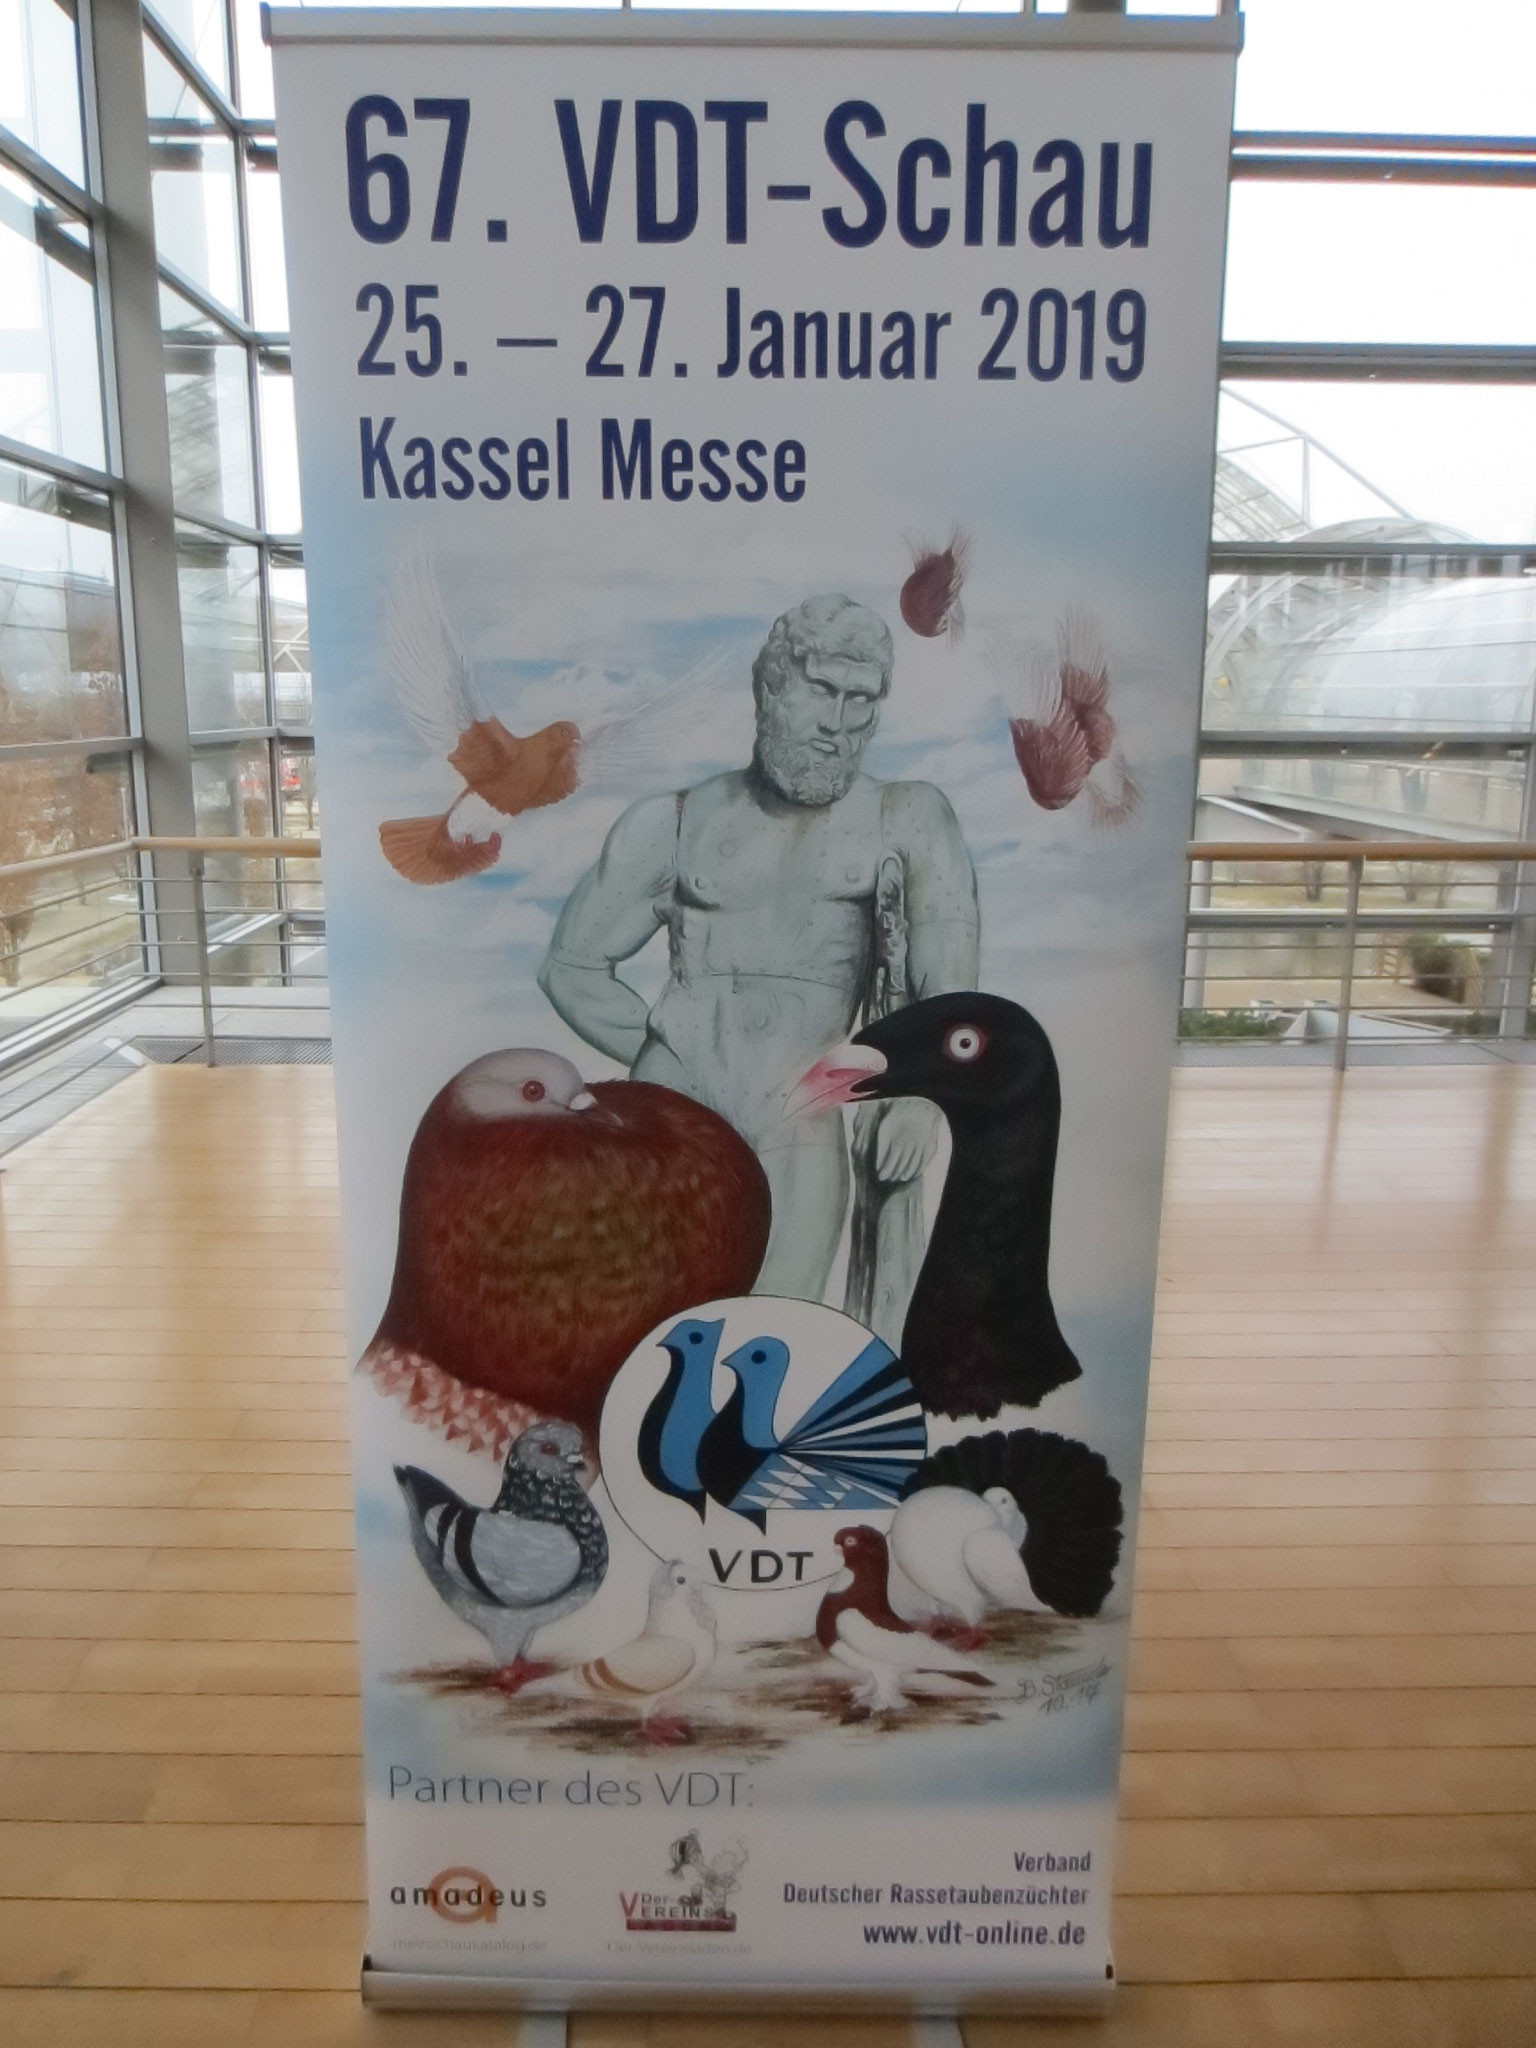 2018 findet die 67. VDT-Schau vom 25. bis 27. Januar 2019 in Kassel-Messe statt.